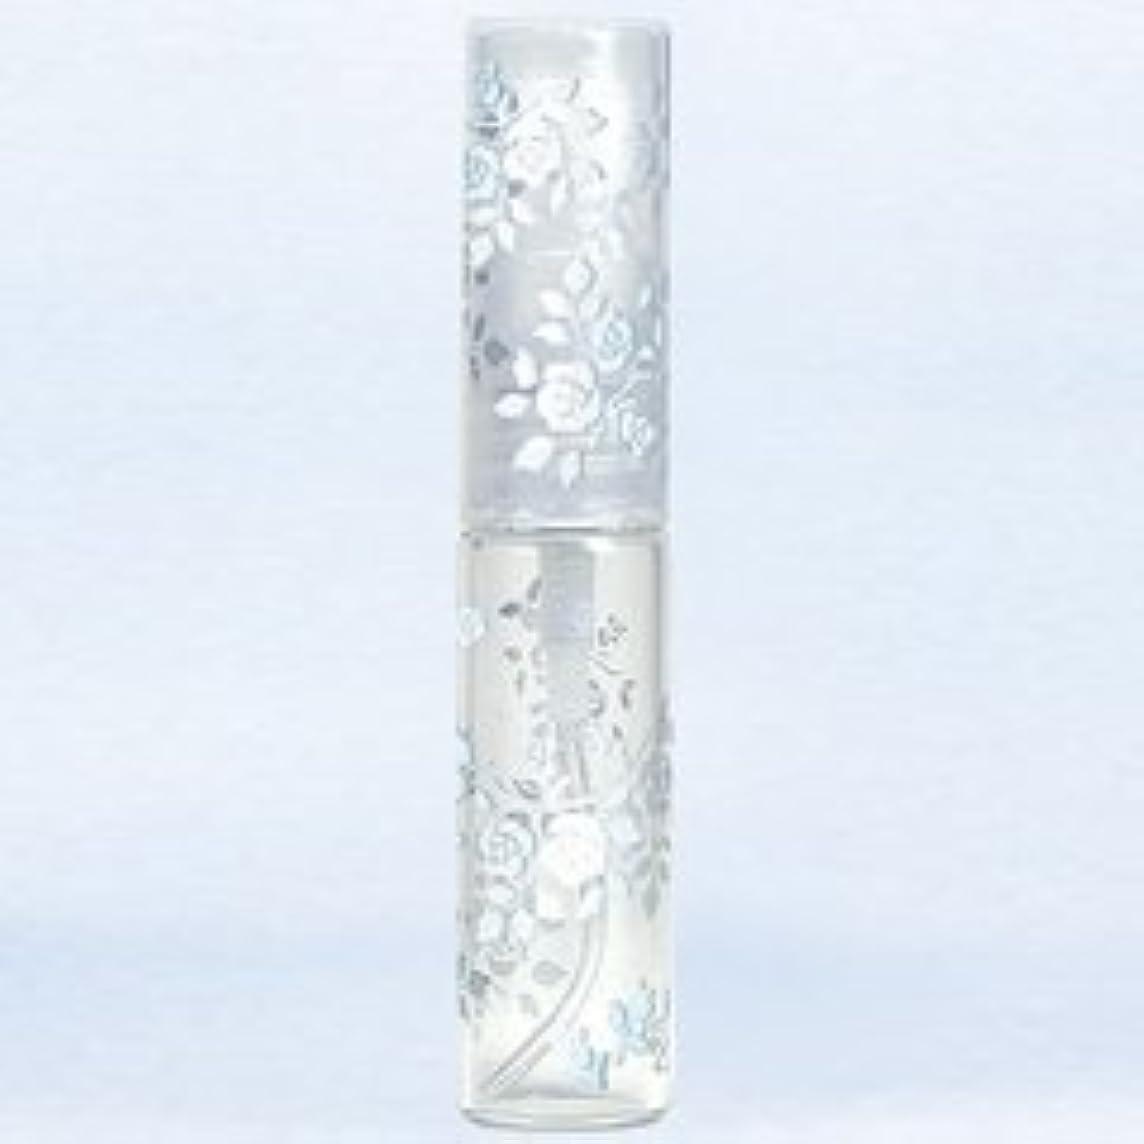 ミスペンドクモけがをする【ヤマダアトマイザー】グラスアトマイザー プラスチックポンプ 柄 50121 バラ シルバー 4.7ml